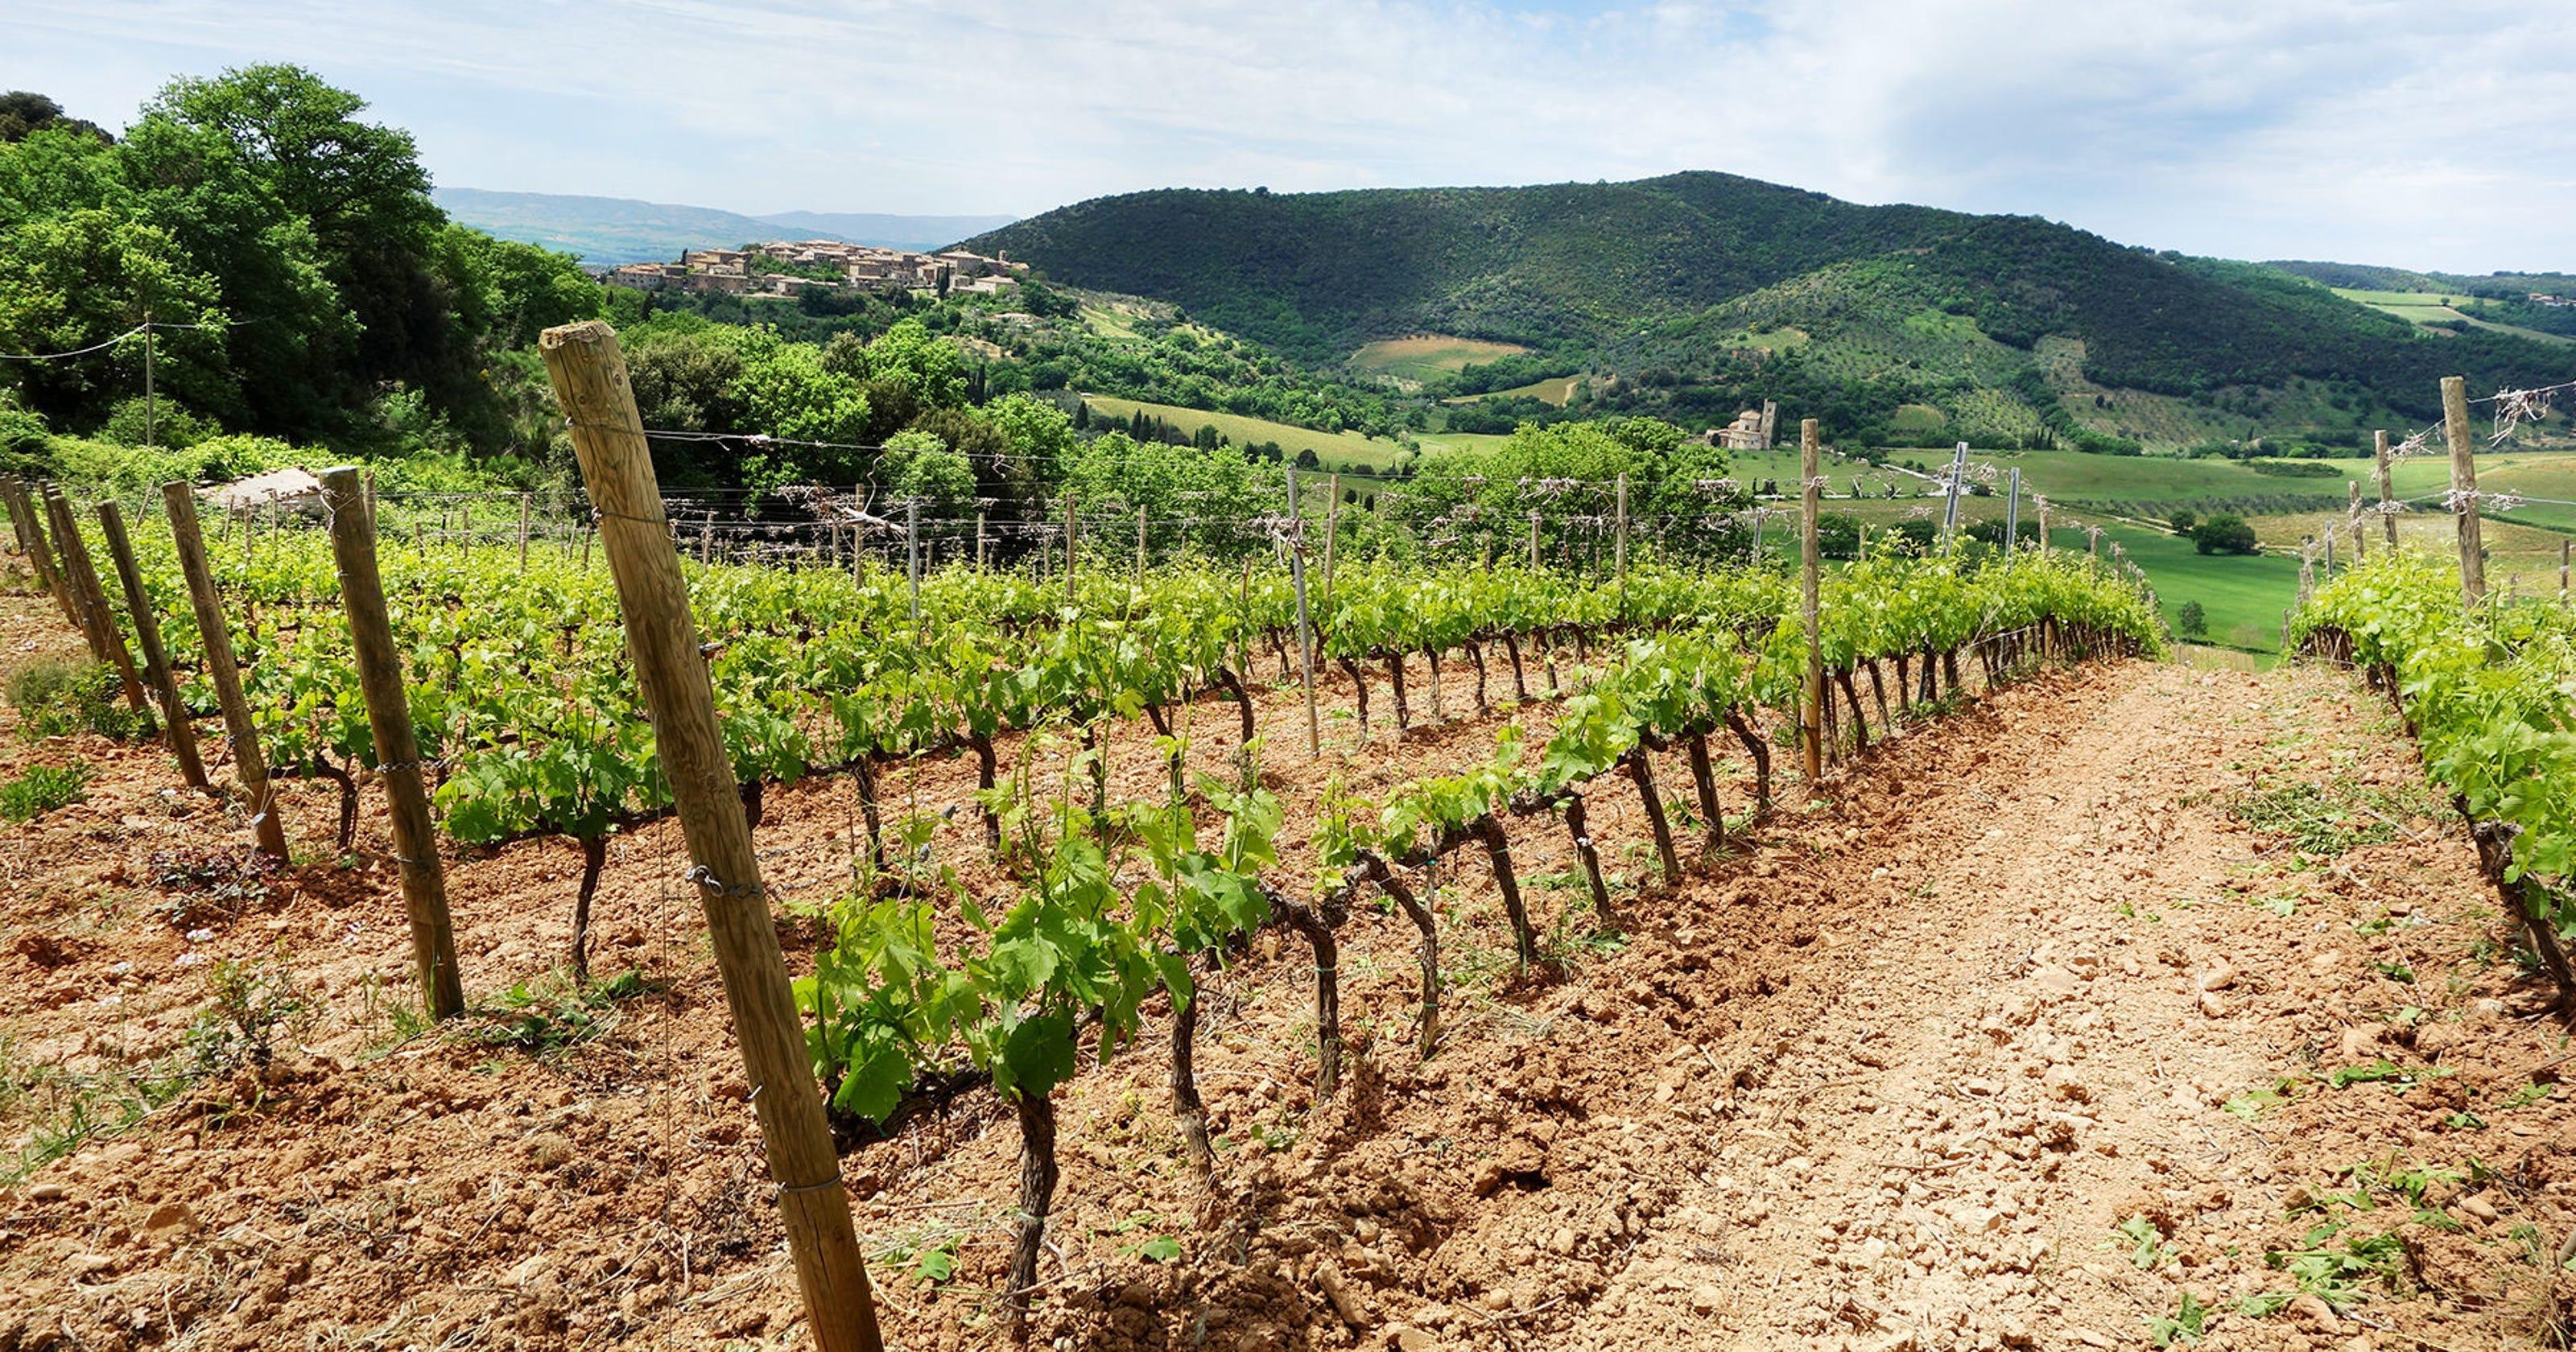 Rick Steves: Wonderful wineries in Tuscany